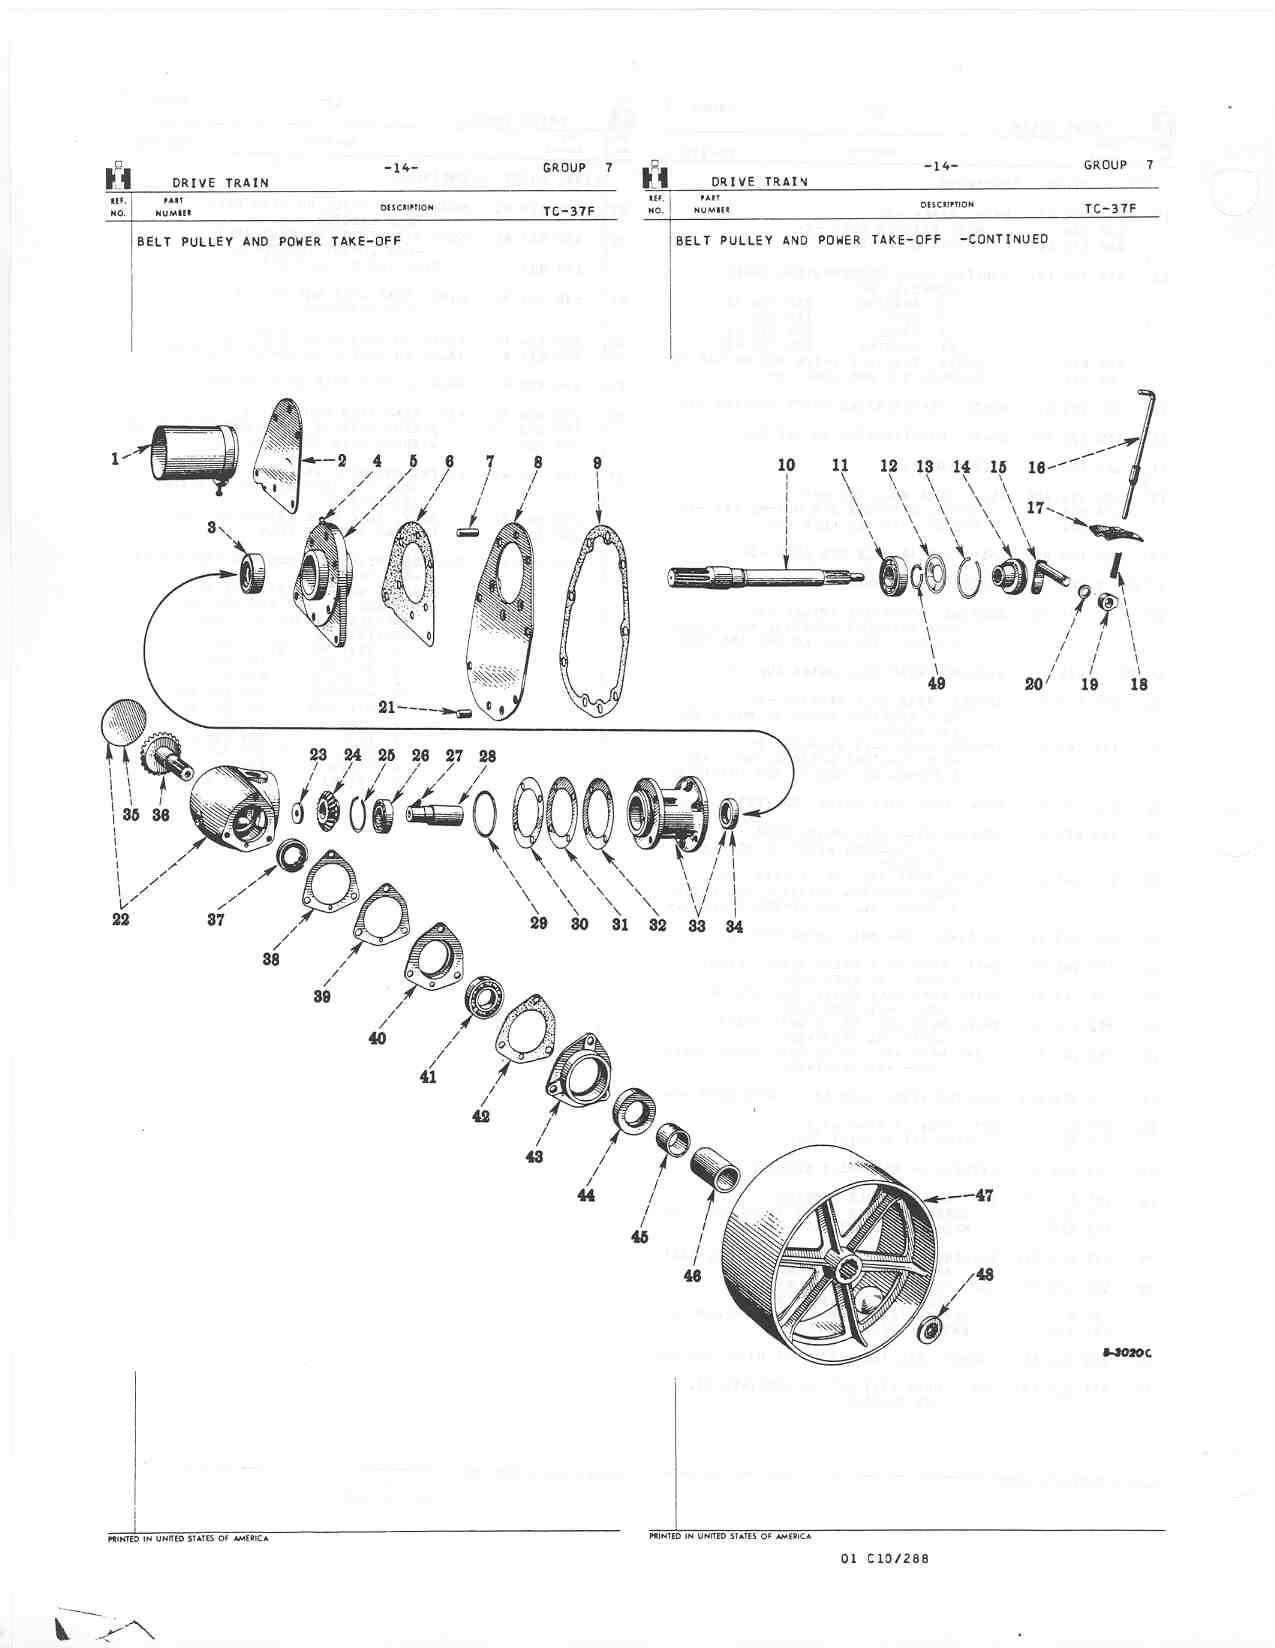 wiring diagram for farmall h lk 3947  farmall cub hydraulic parts diagram further cub cadet  farmall cub hydraulic parts diagram